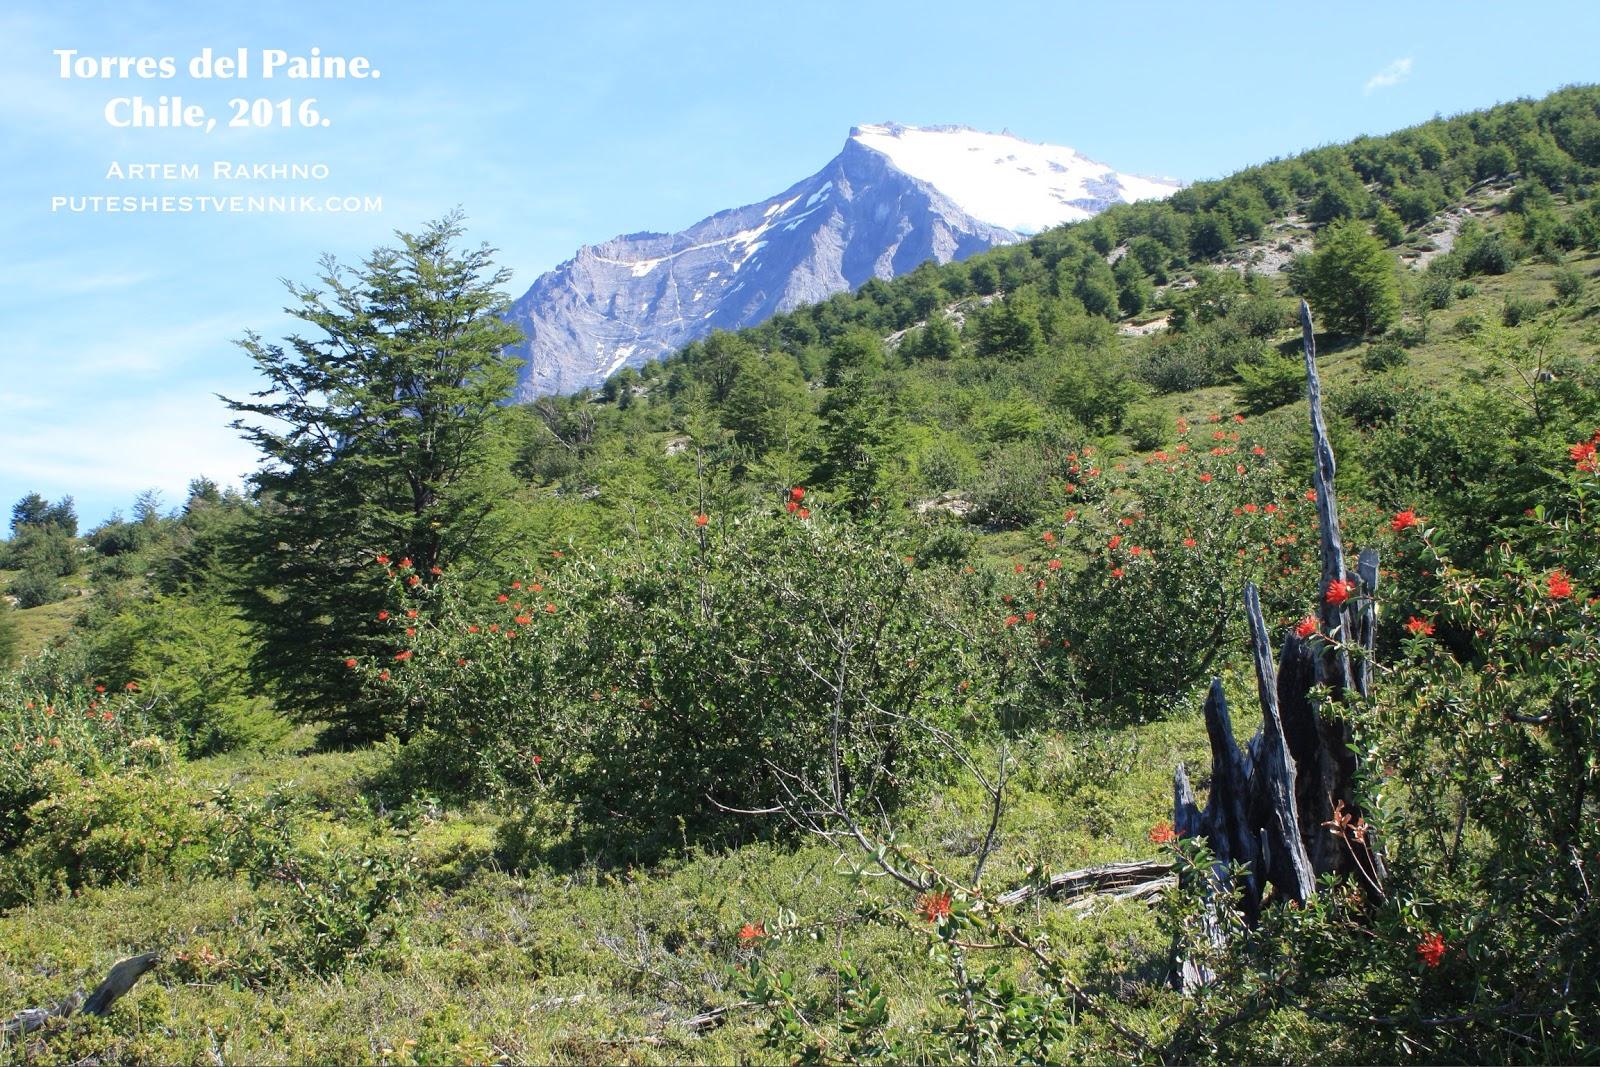 Склон горы в Торрес-дель-Пайне